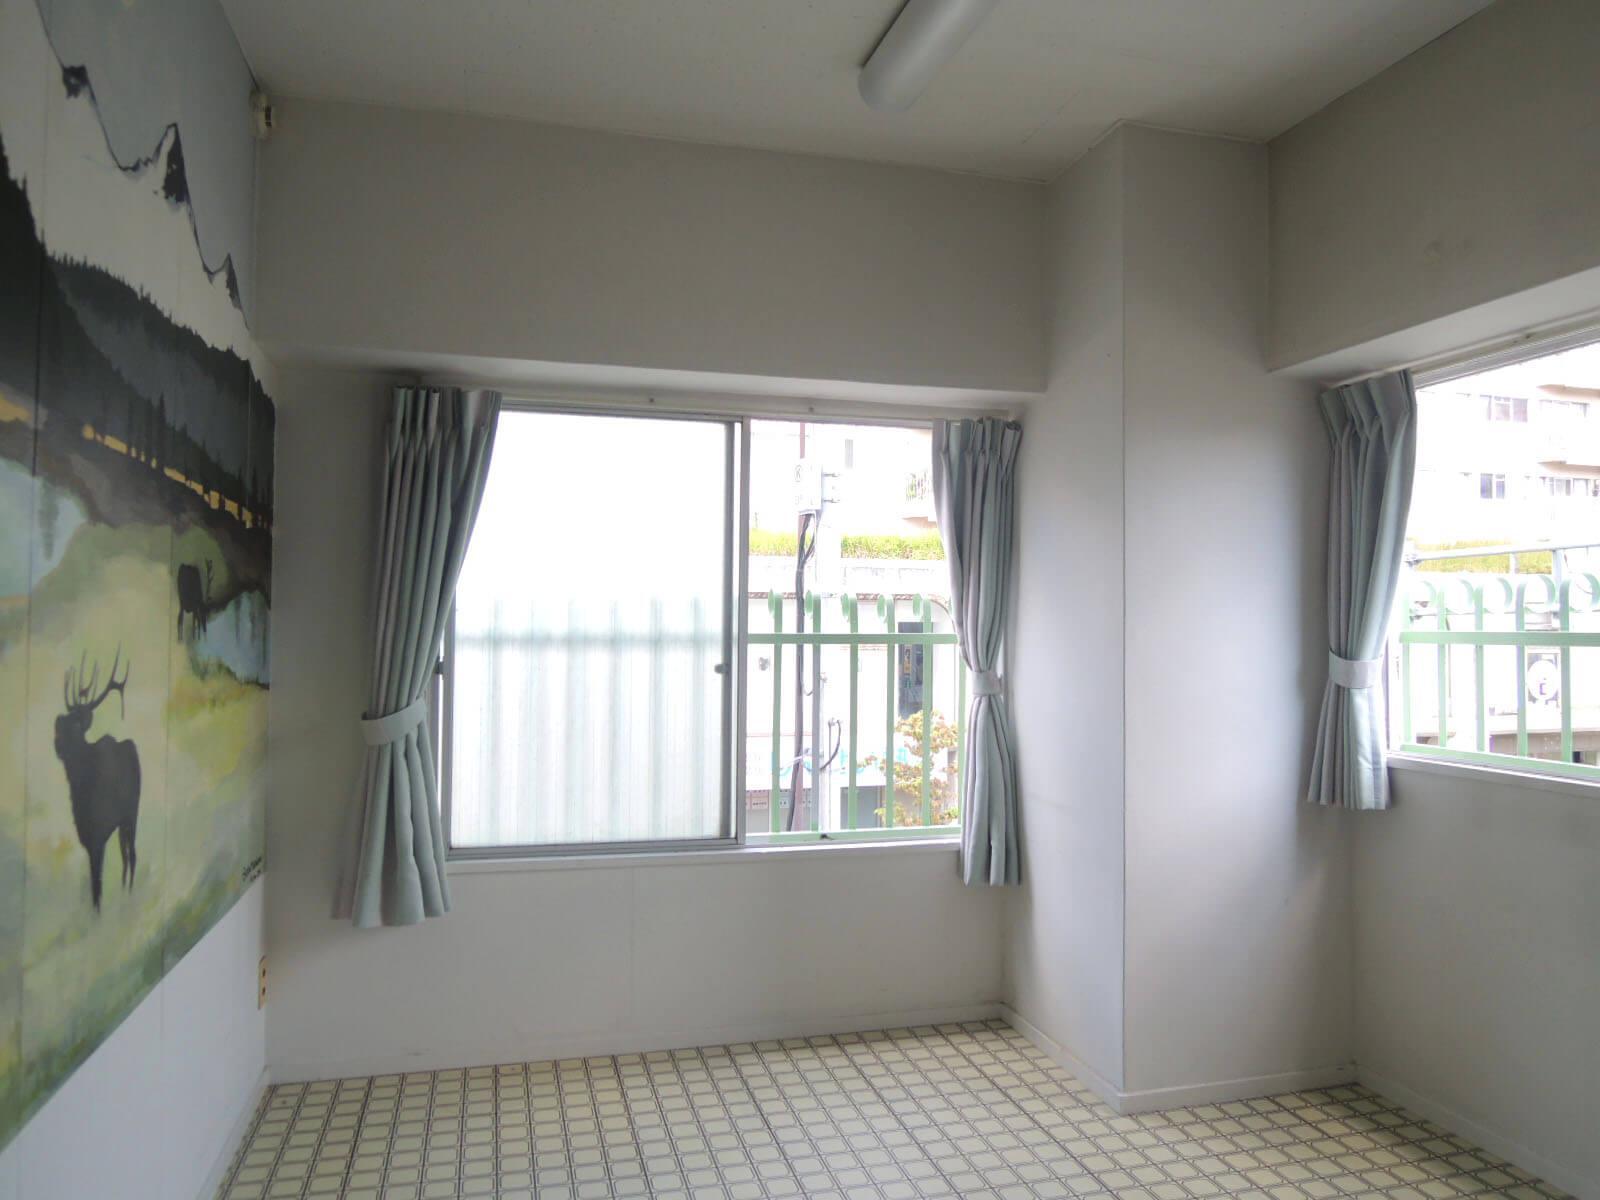 窓が2つあるので圧迫感はなし、寝室はエアコン設置が難しい可能性も